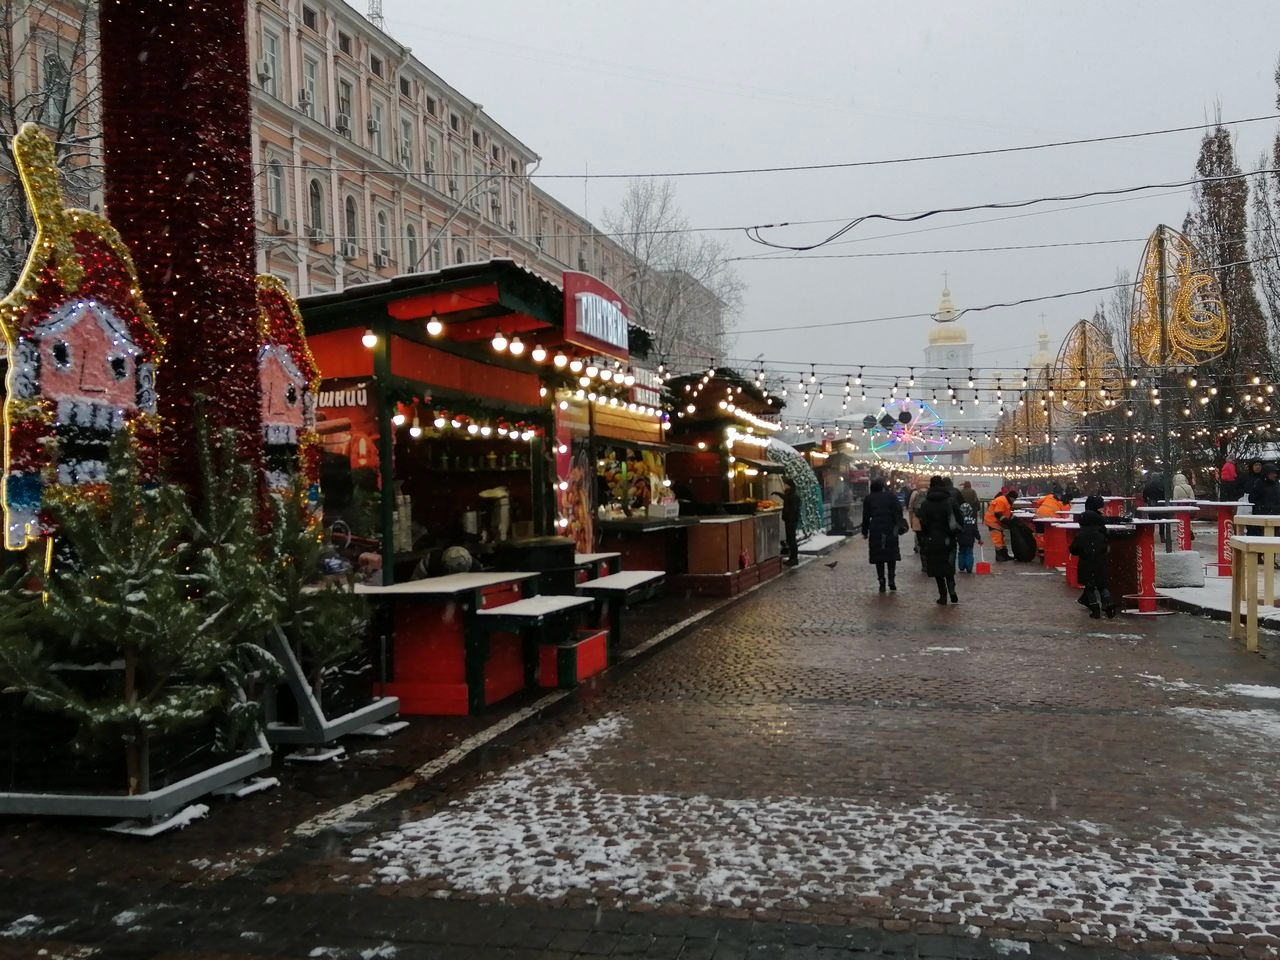 Presupuesto para viajar a Kiev: en Navidad decoran la ciudad así de bonita.